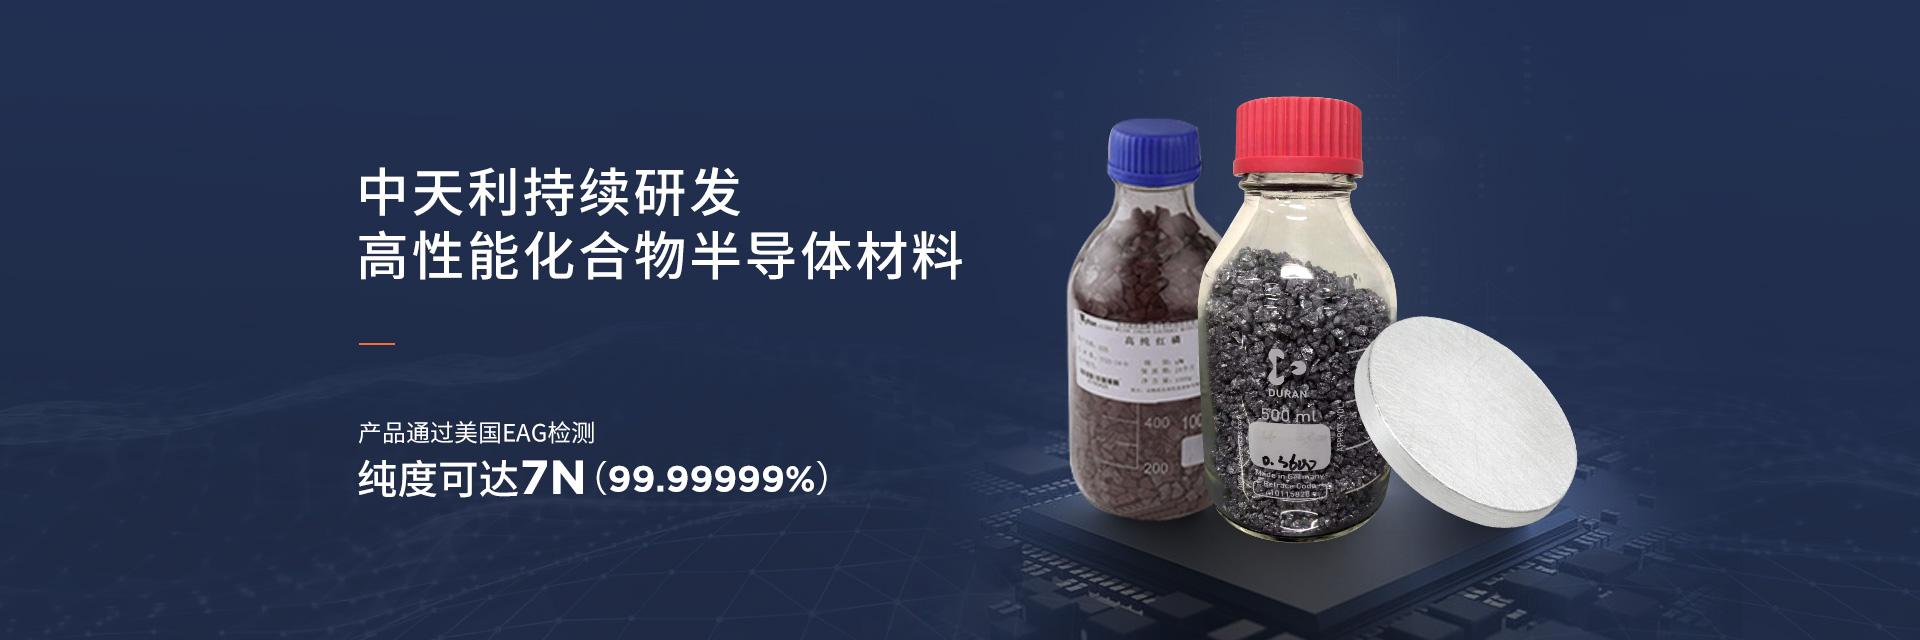 中天利持续研发高性能化合物半导体材料